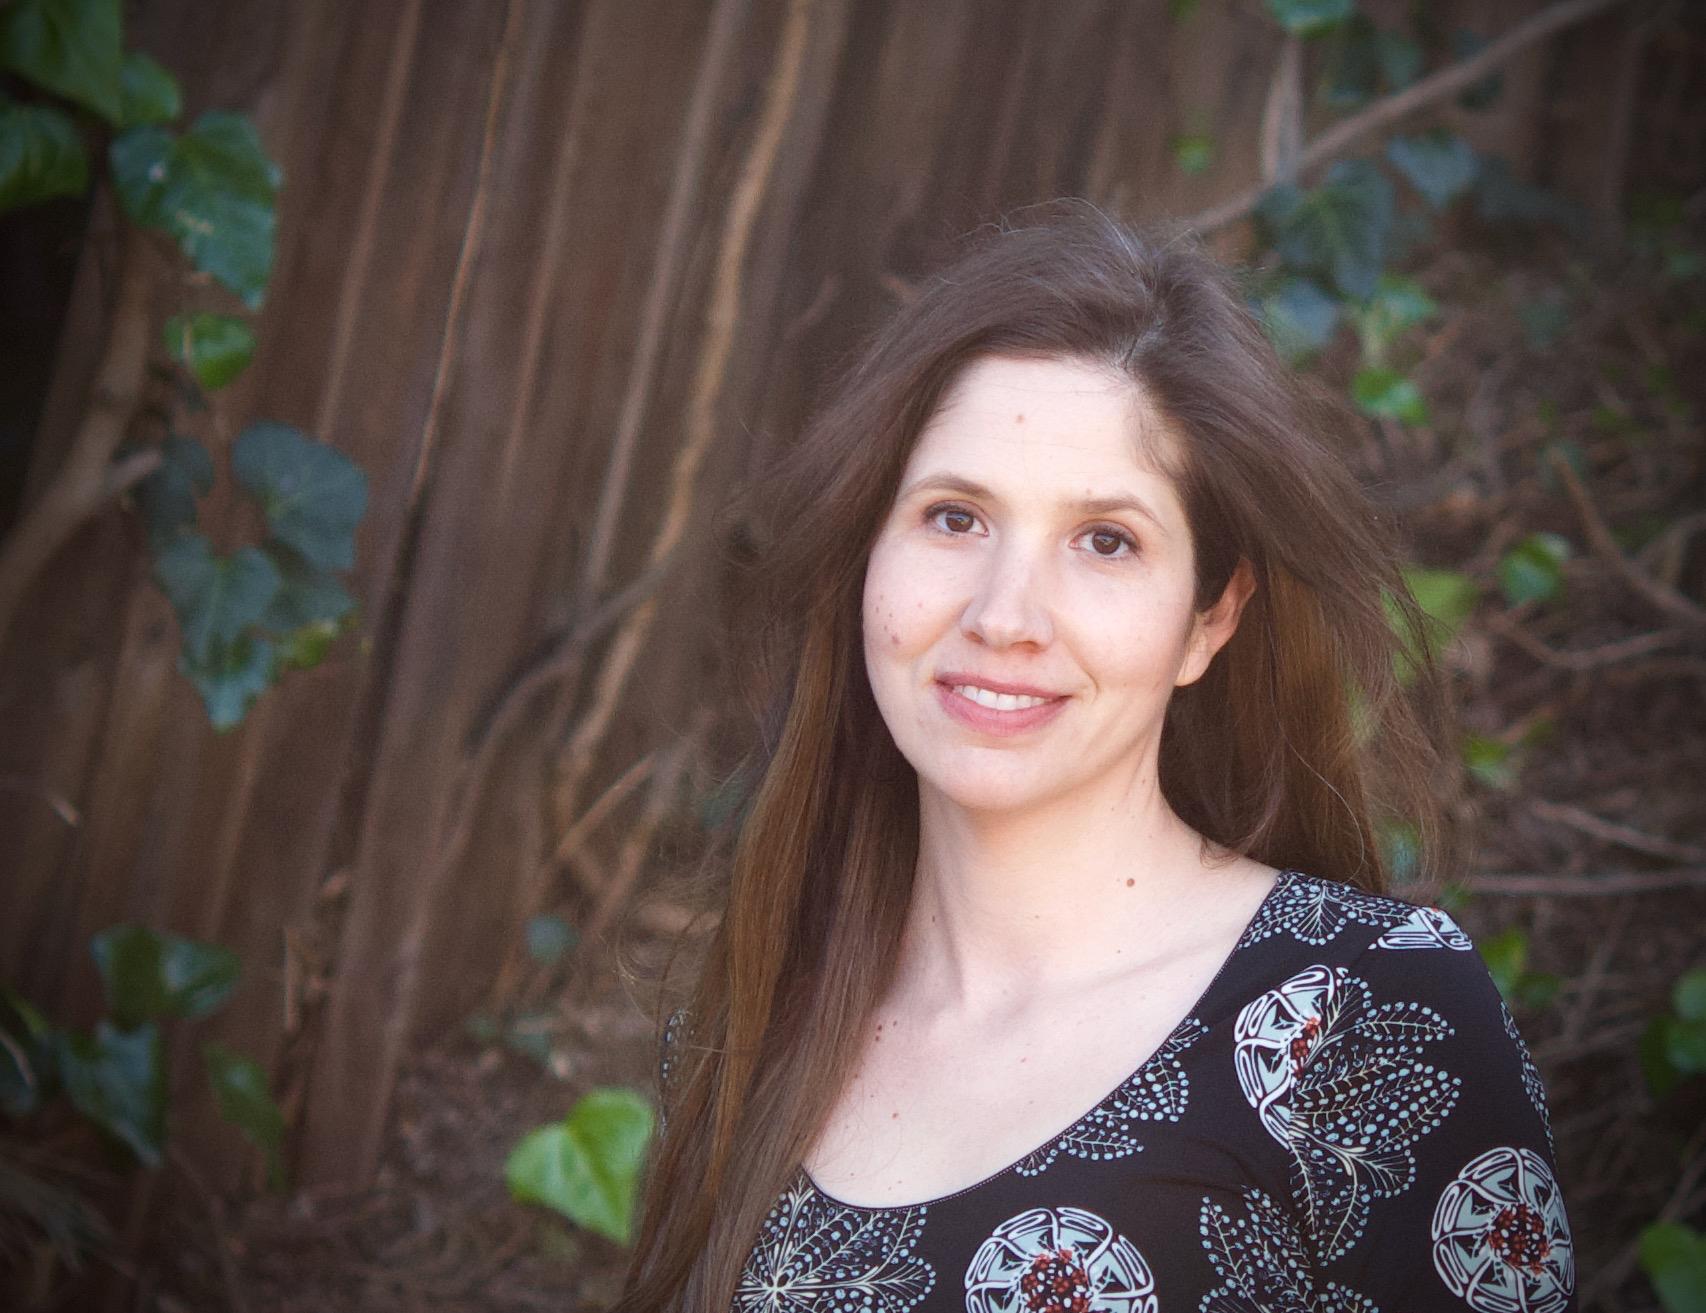 Author Photo of Allison Larkin